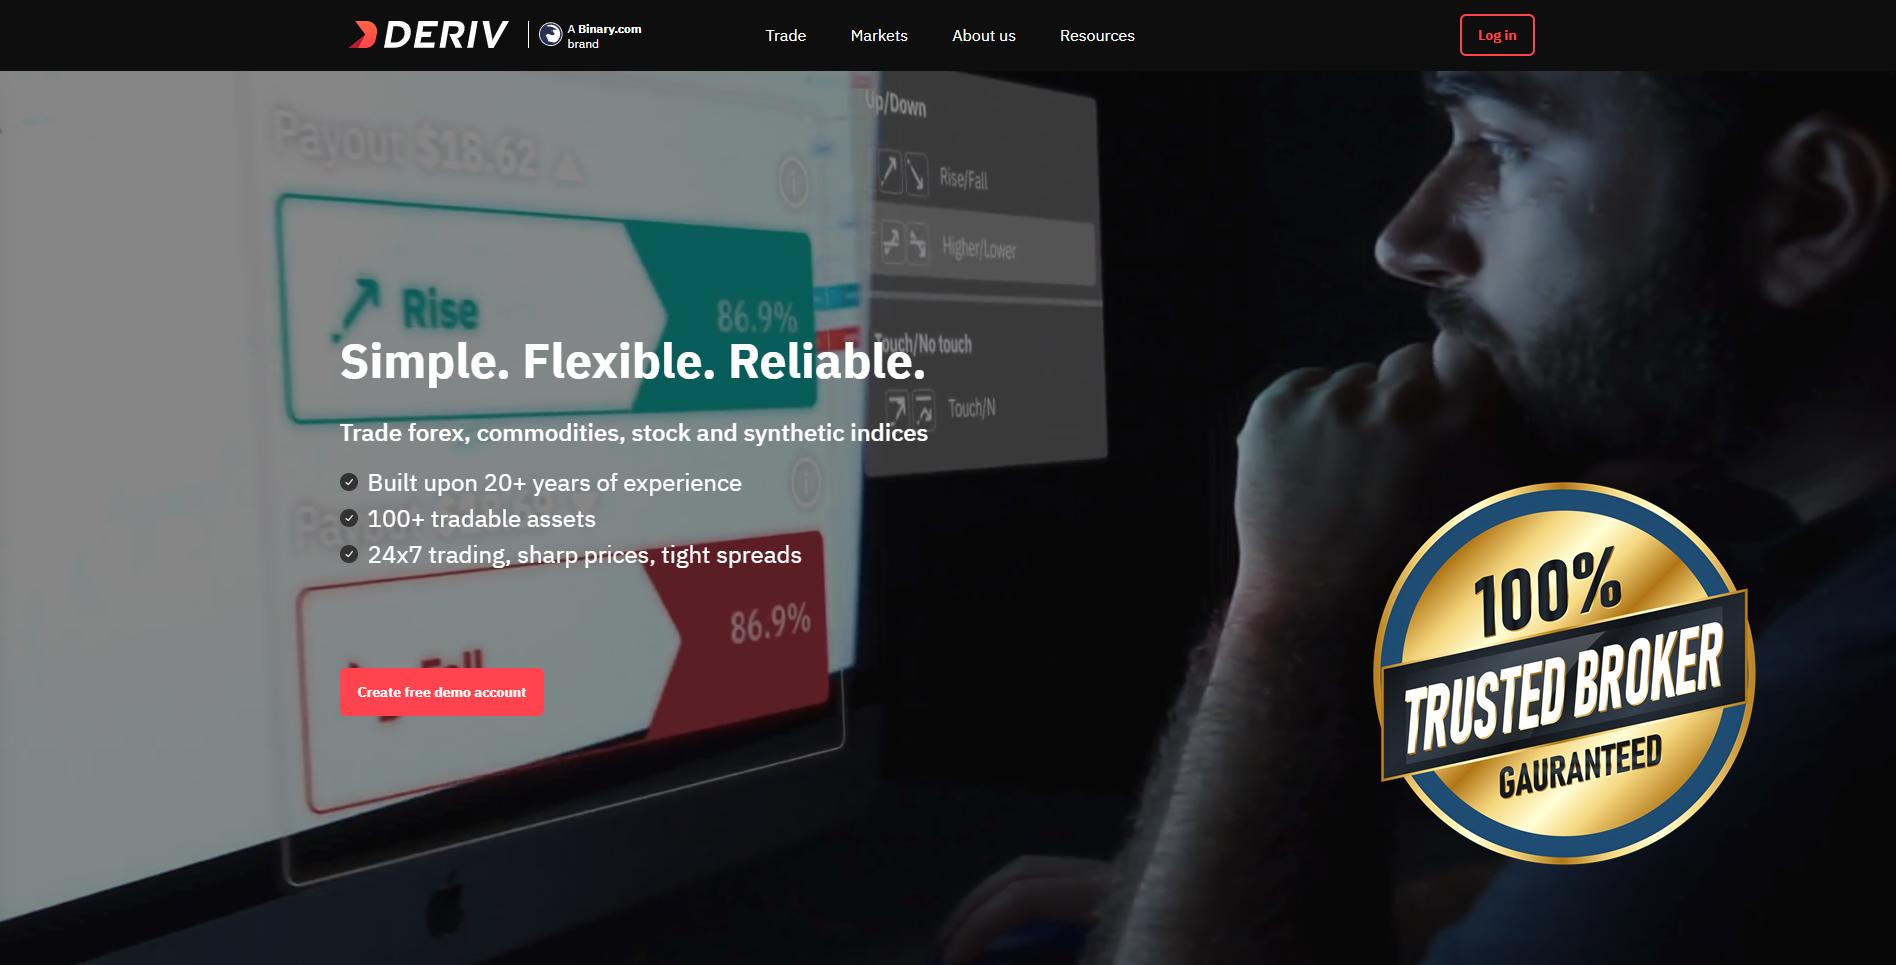 Deriv.com official website